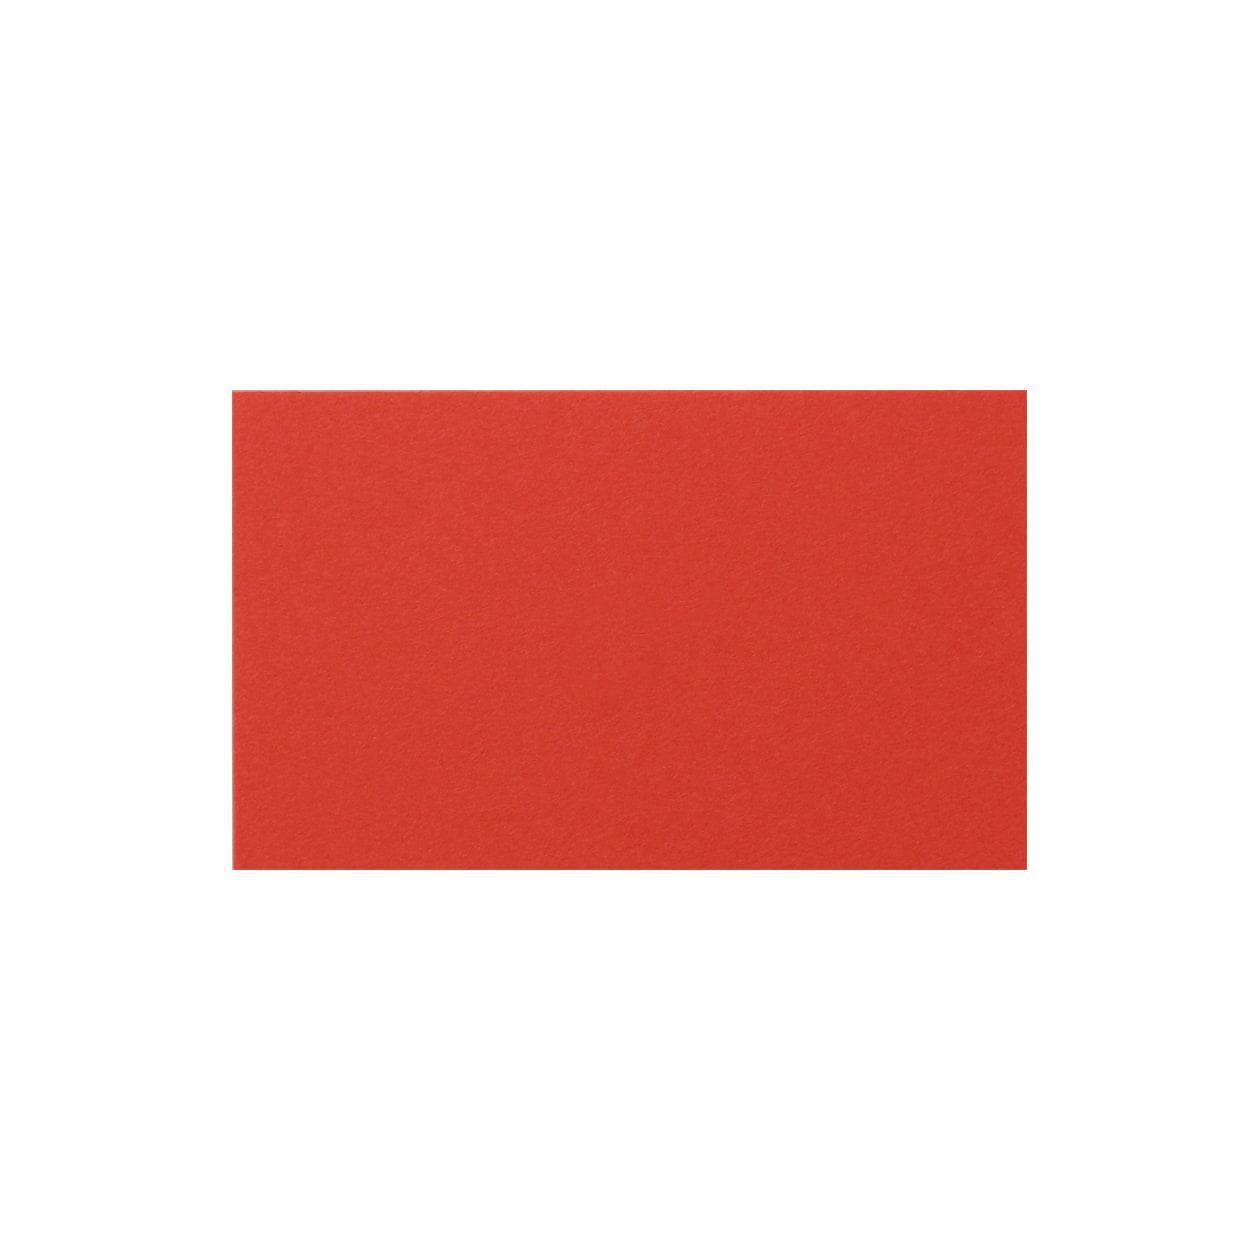 ネームカード ボード紙 レッド 465g